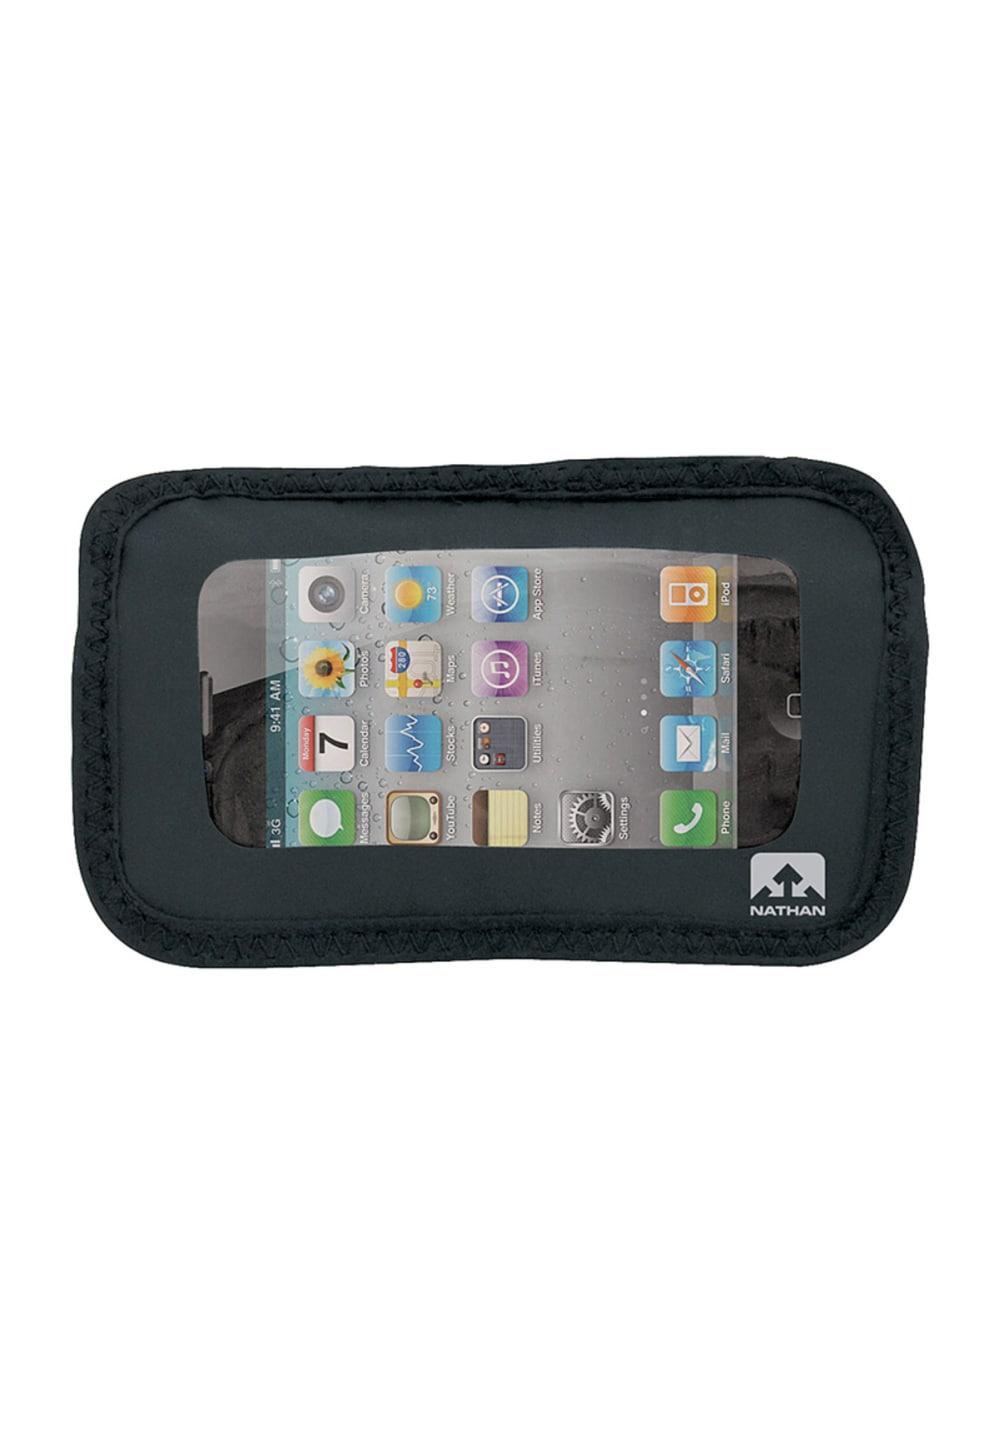 Nathan Fusion Pocket Phone Taschen - Schwarz, Gr. One Size